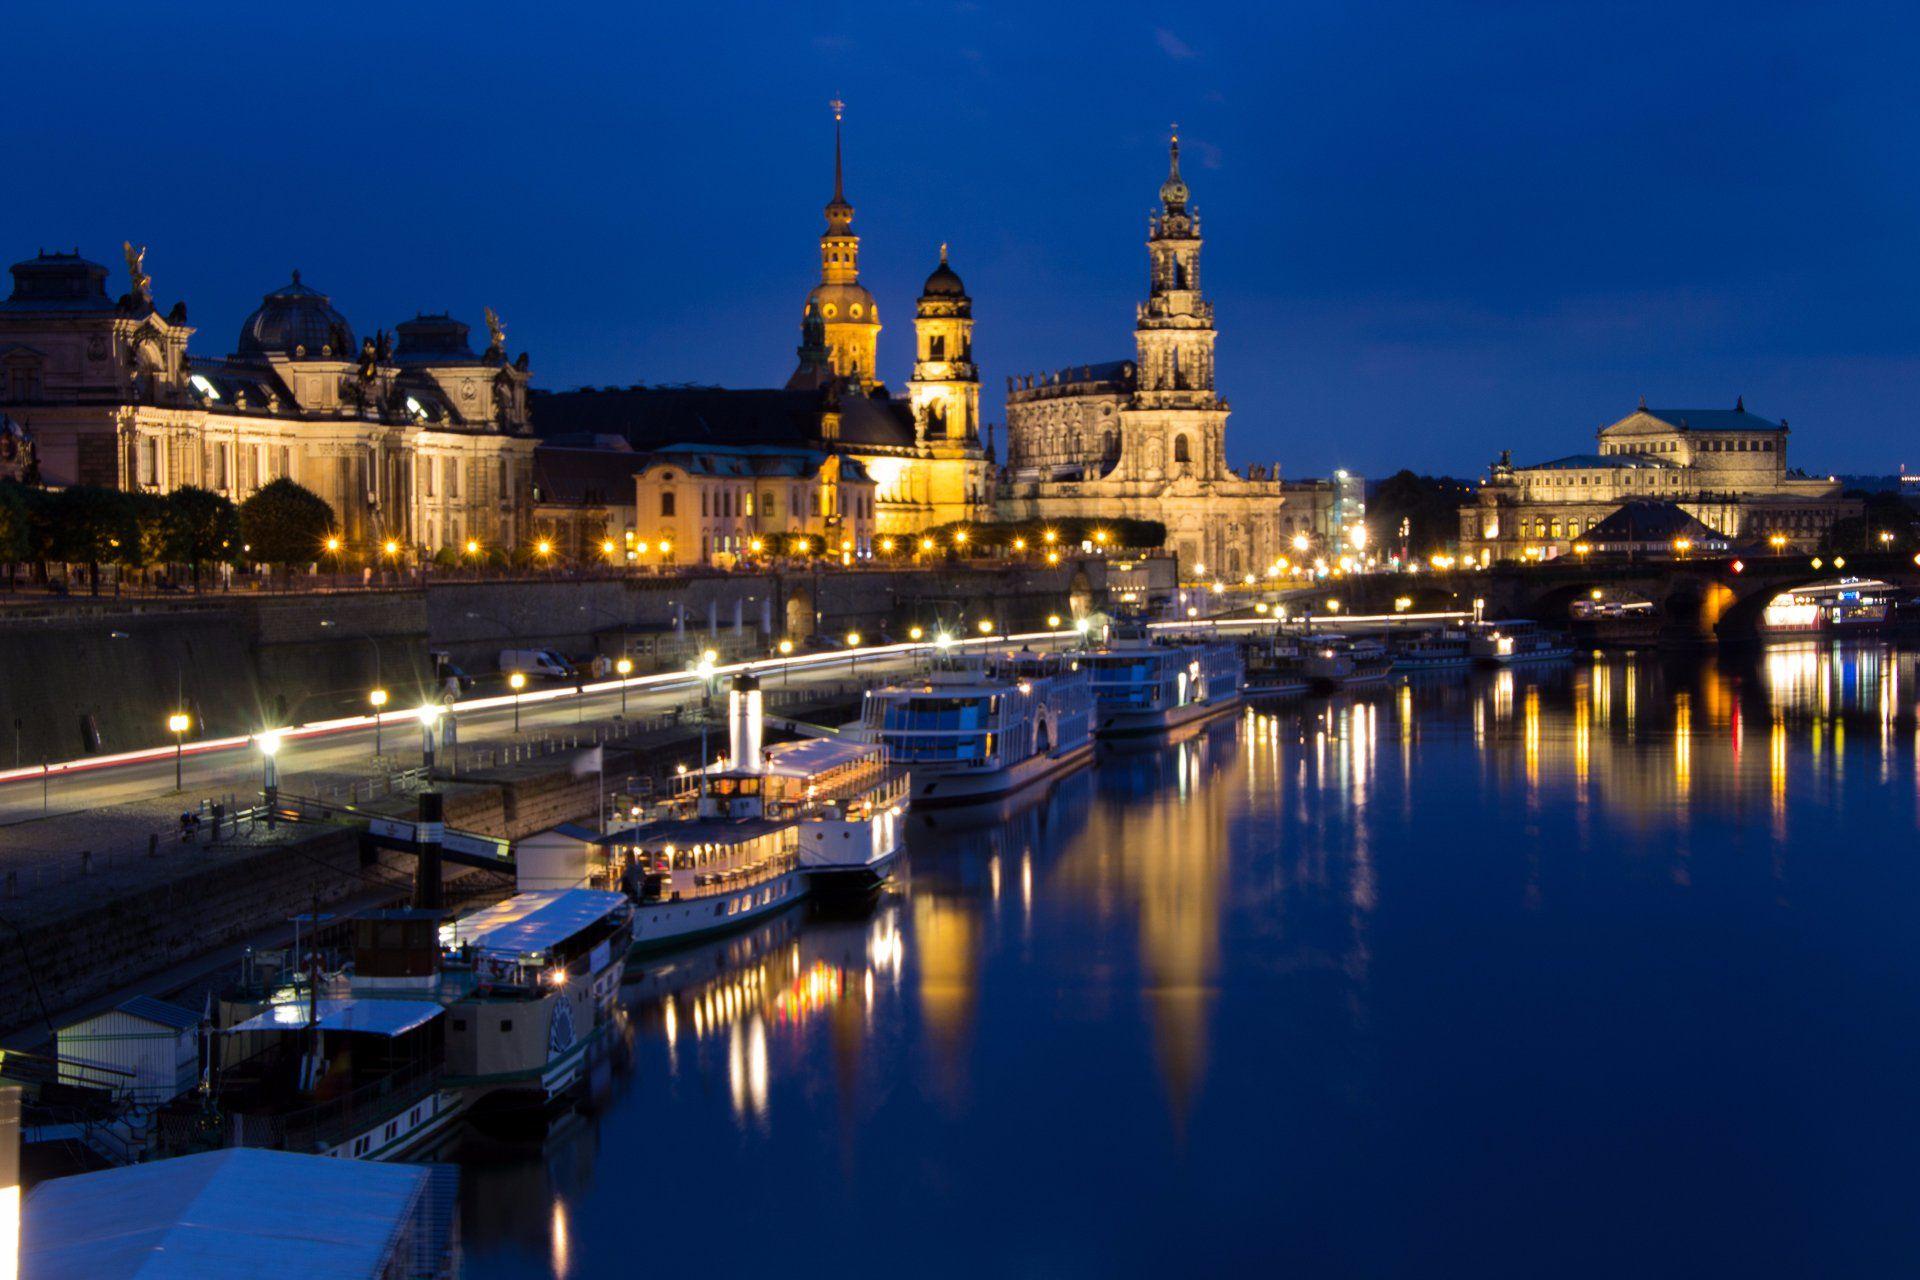 Blick Auf Die Bruhlsche Terrasse Bei Nacht Trip Advisor Photo Dresden